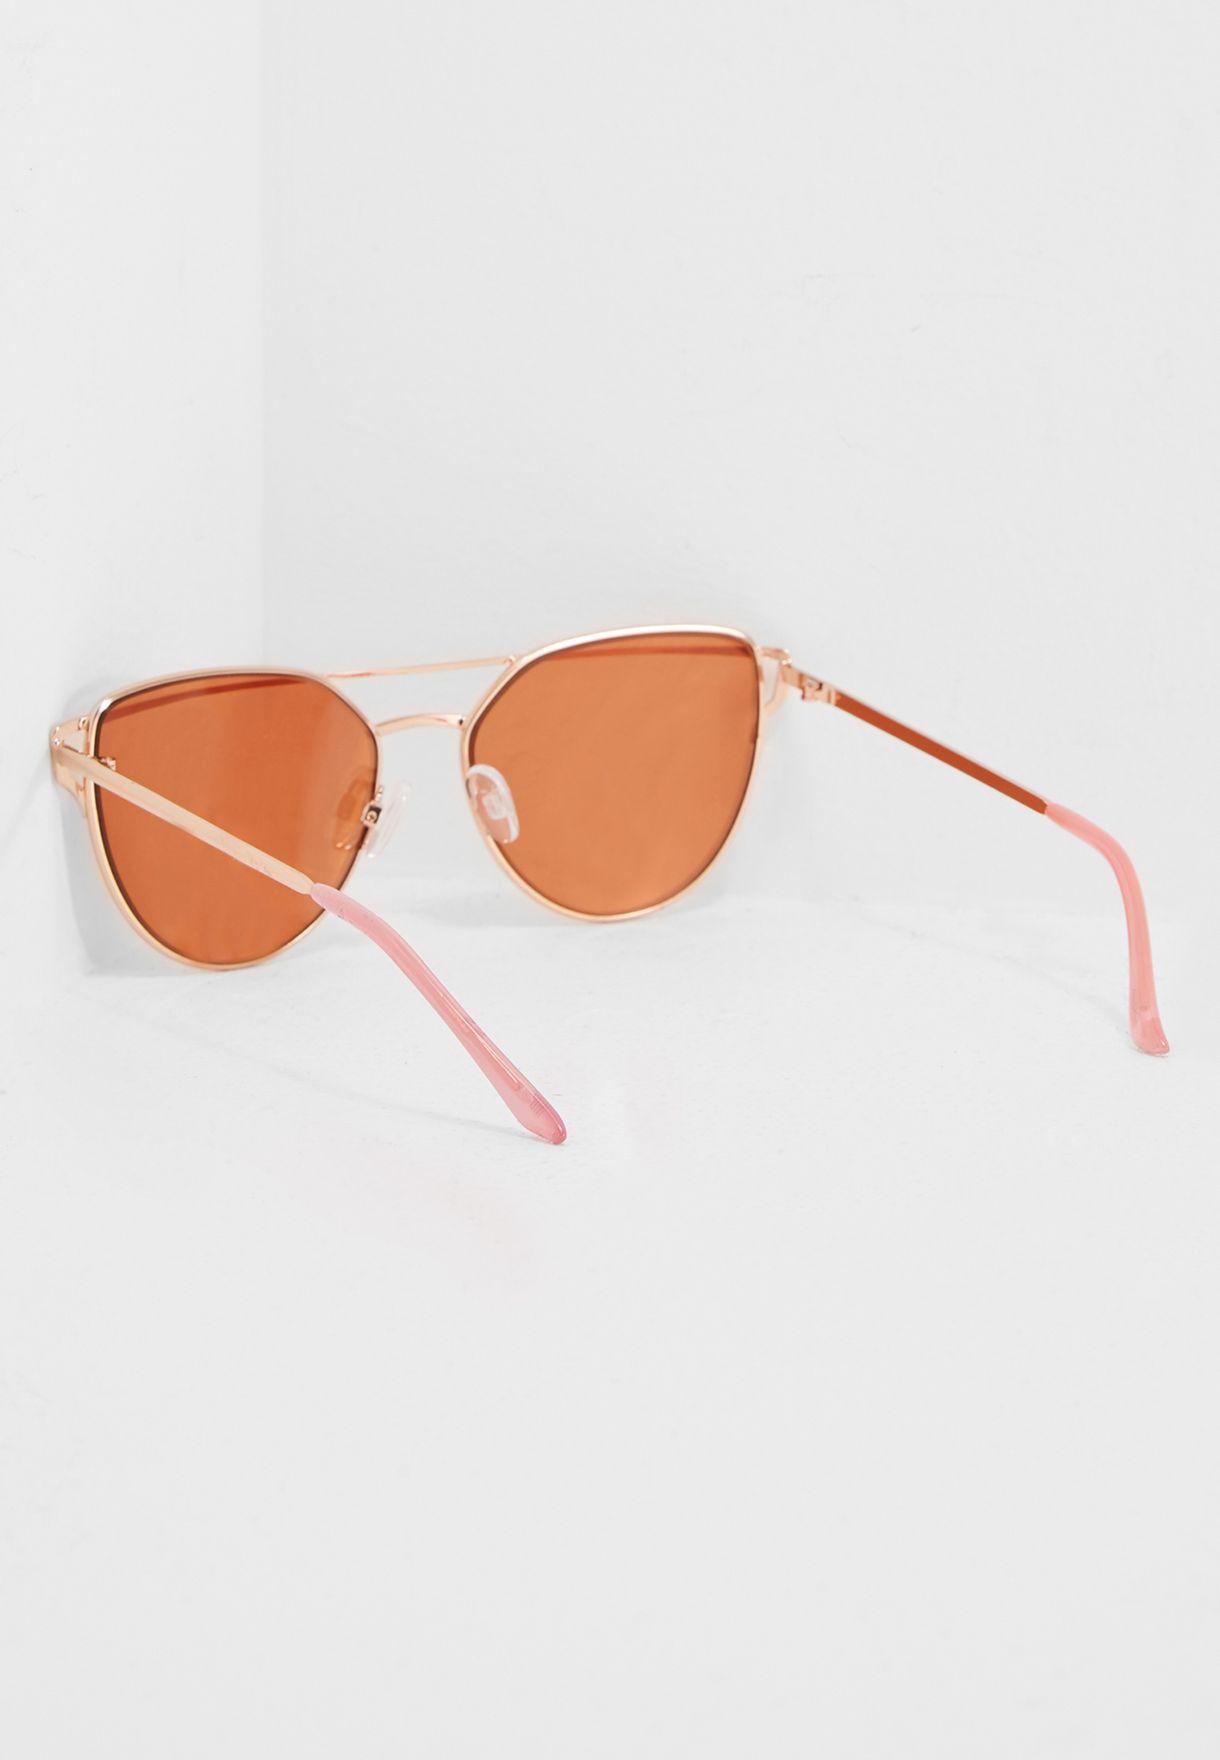 5ee77869e7a1 Shop Aldo gold Qilalla Sunglasses VILLAVESCO56 for Women in Saudi ...